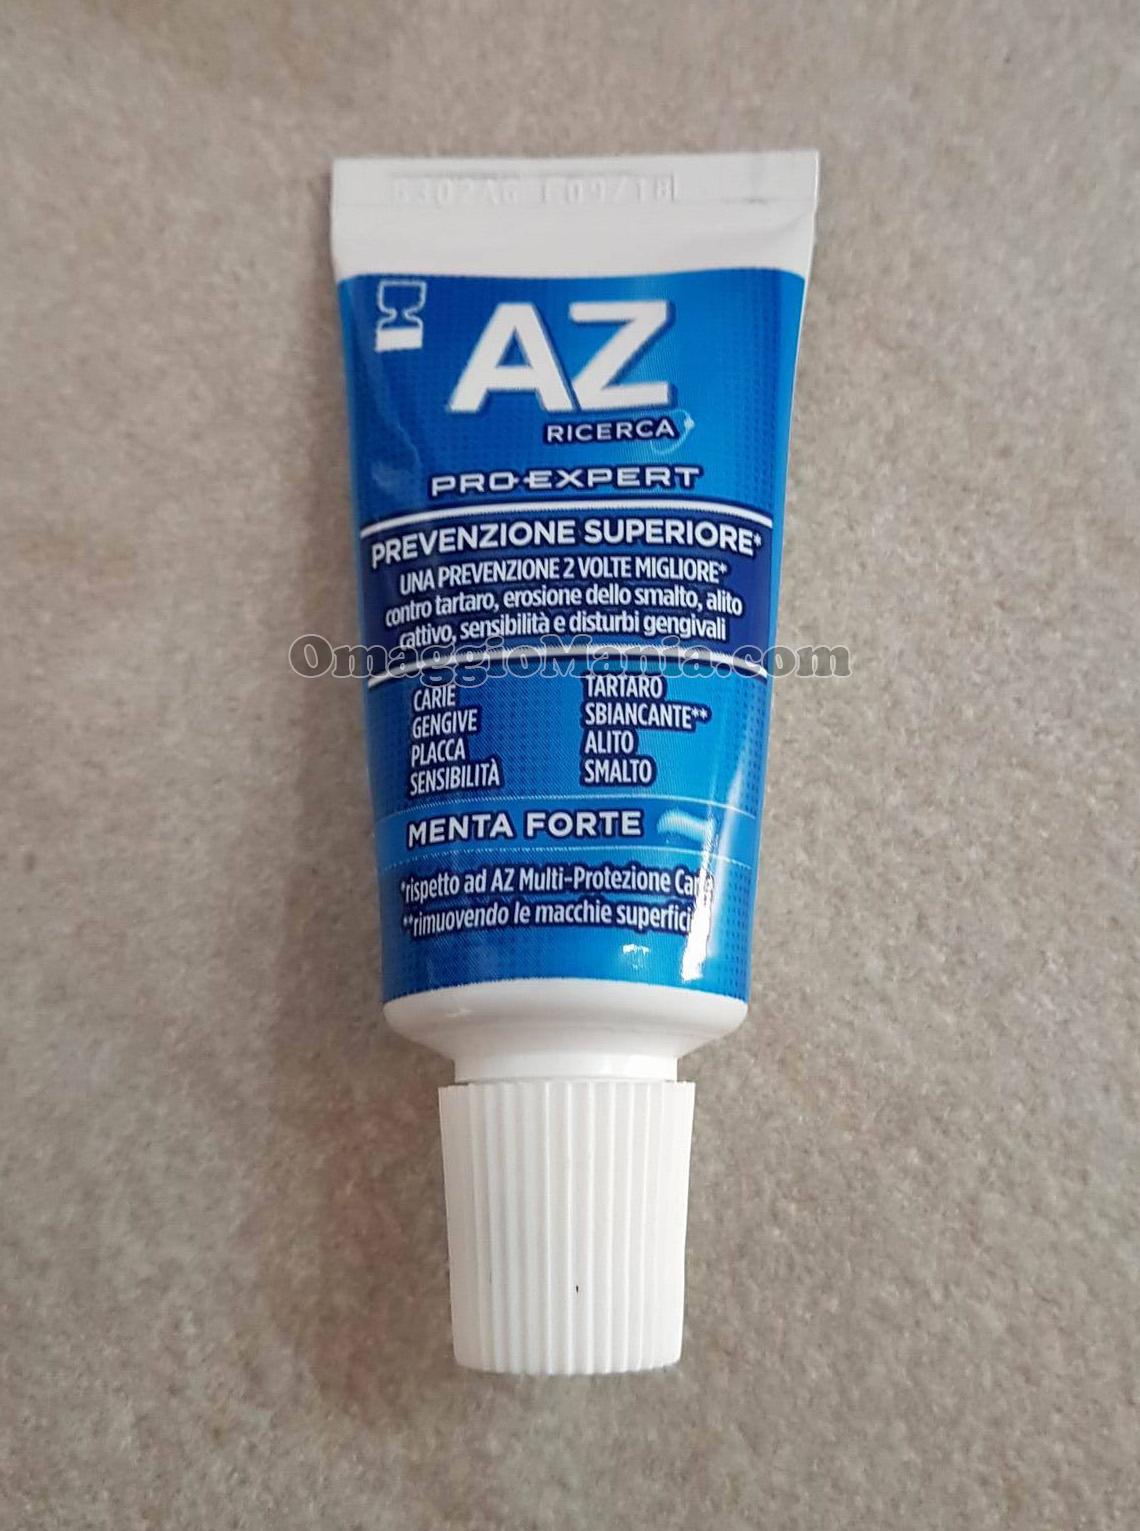 campione omaggio dentifricio AZ Pro-Expert Prevenzione Superiore di Salvatrice